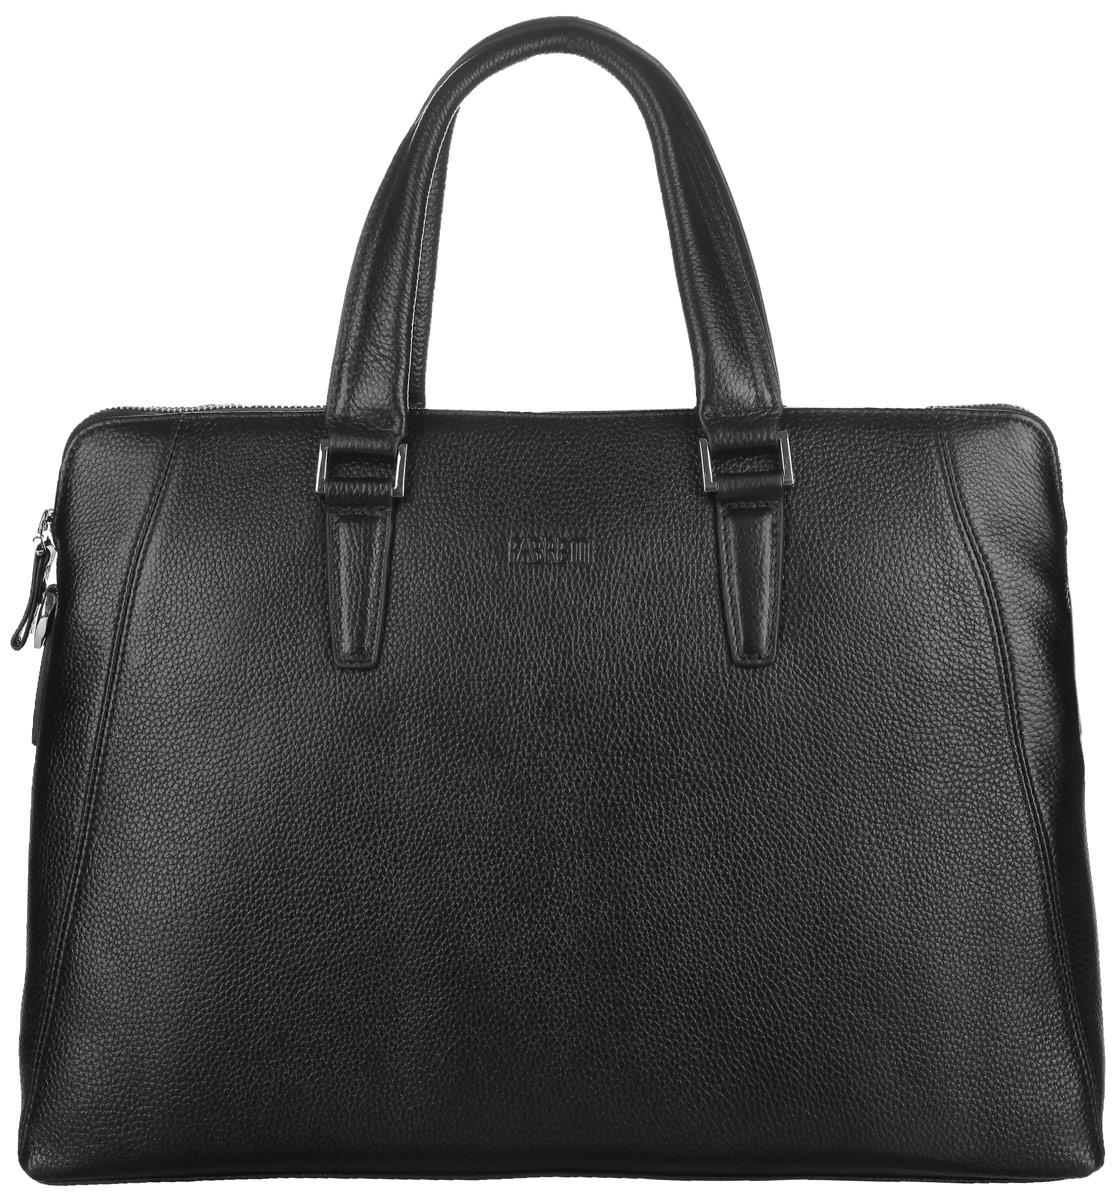 Сумка мужская Fabretti, цвет: черный. YFB001YFB001-blackСтильная мужская сумка Fabretti выполнена из натуральной кожи с зернистой фактурой, оформлена металлической фурнитурой и символикой бренда. Изделие закрывается на металлическую застежку-молнию, содержит одно основное отделение. Внутри сумки расположен мягкий карман для планшета с хлястиком на липучке, два накладных кармана, два фиксатора для ручек и врезной карман на застежке-молнии. Снаружи, на тыльной стенке сумки, расположен врезной карман на застежке-молнии. Изделие дополнено двумя практичными ручками и съемным плечевым ремнем, длина которого регулируется при помощи пряжки. Стильная и практичная мужская сумка Fabretti дополнит ваш деловой стиль.